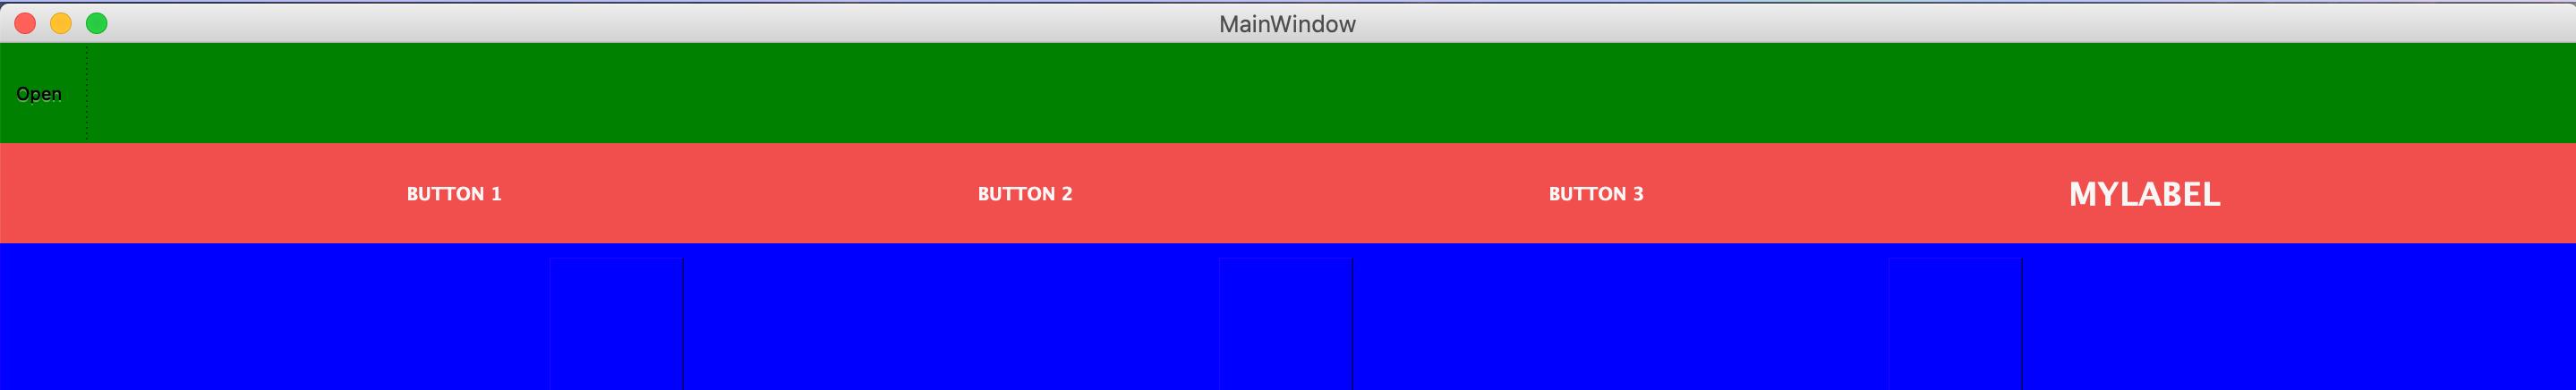 Screen Shot 2020-04-02 at 17.25.48.png